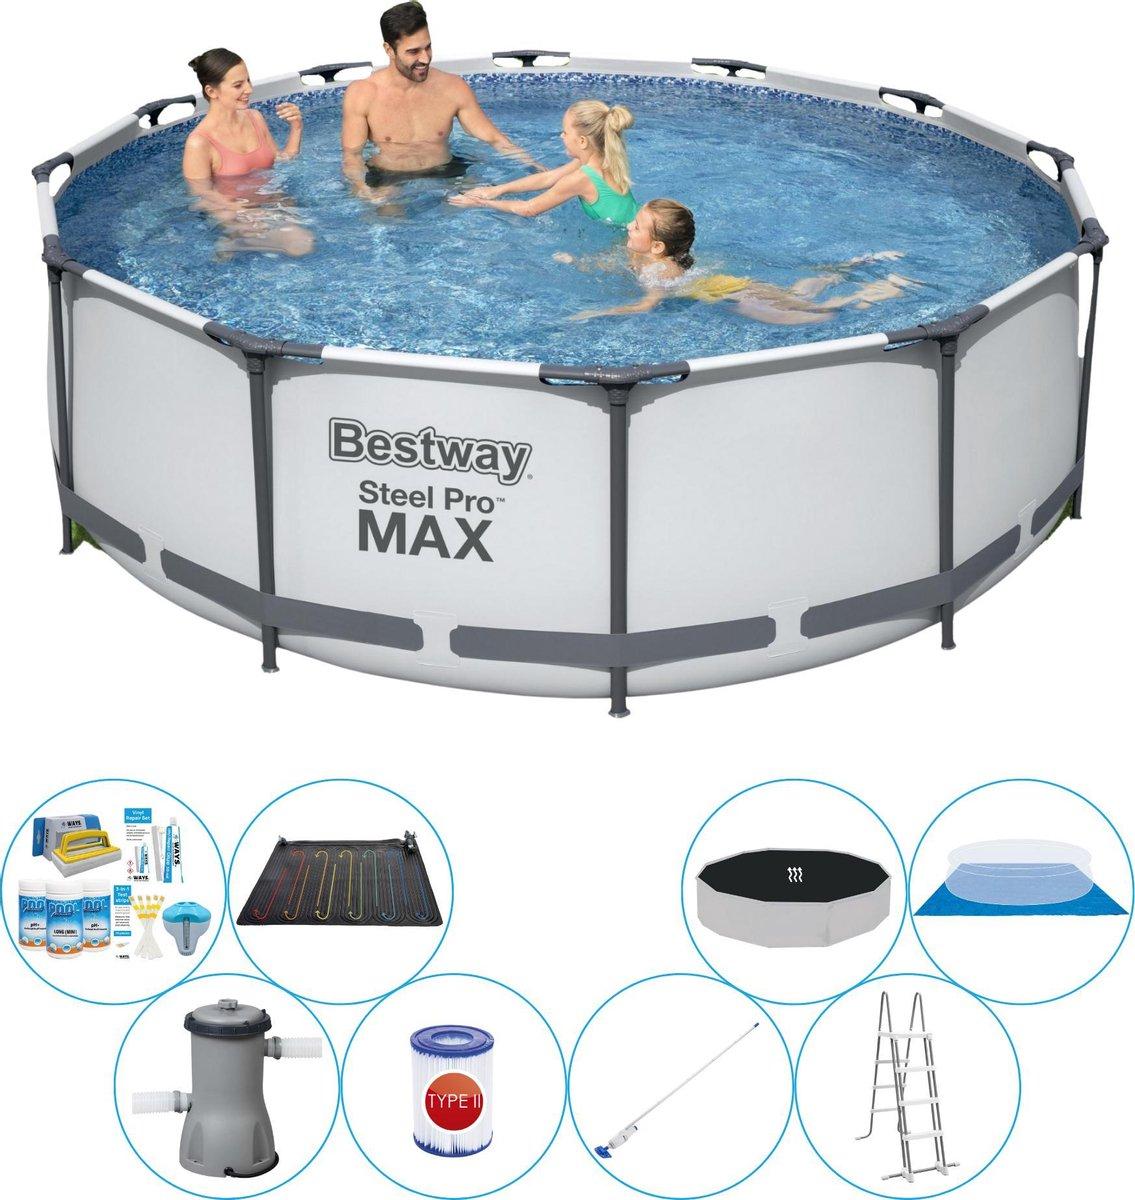 Zwembad Set - Bestway Steel Pro MAX Rond 366x100 cm